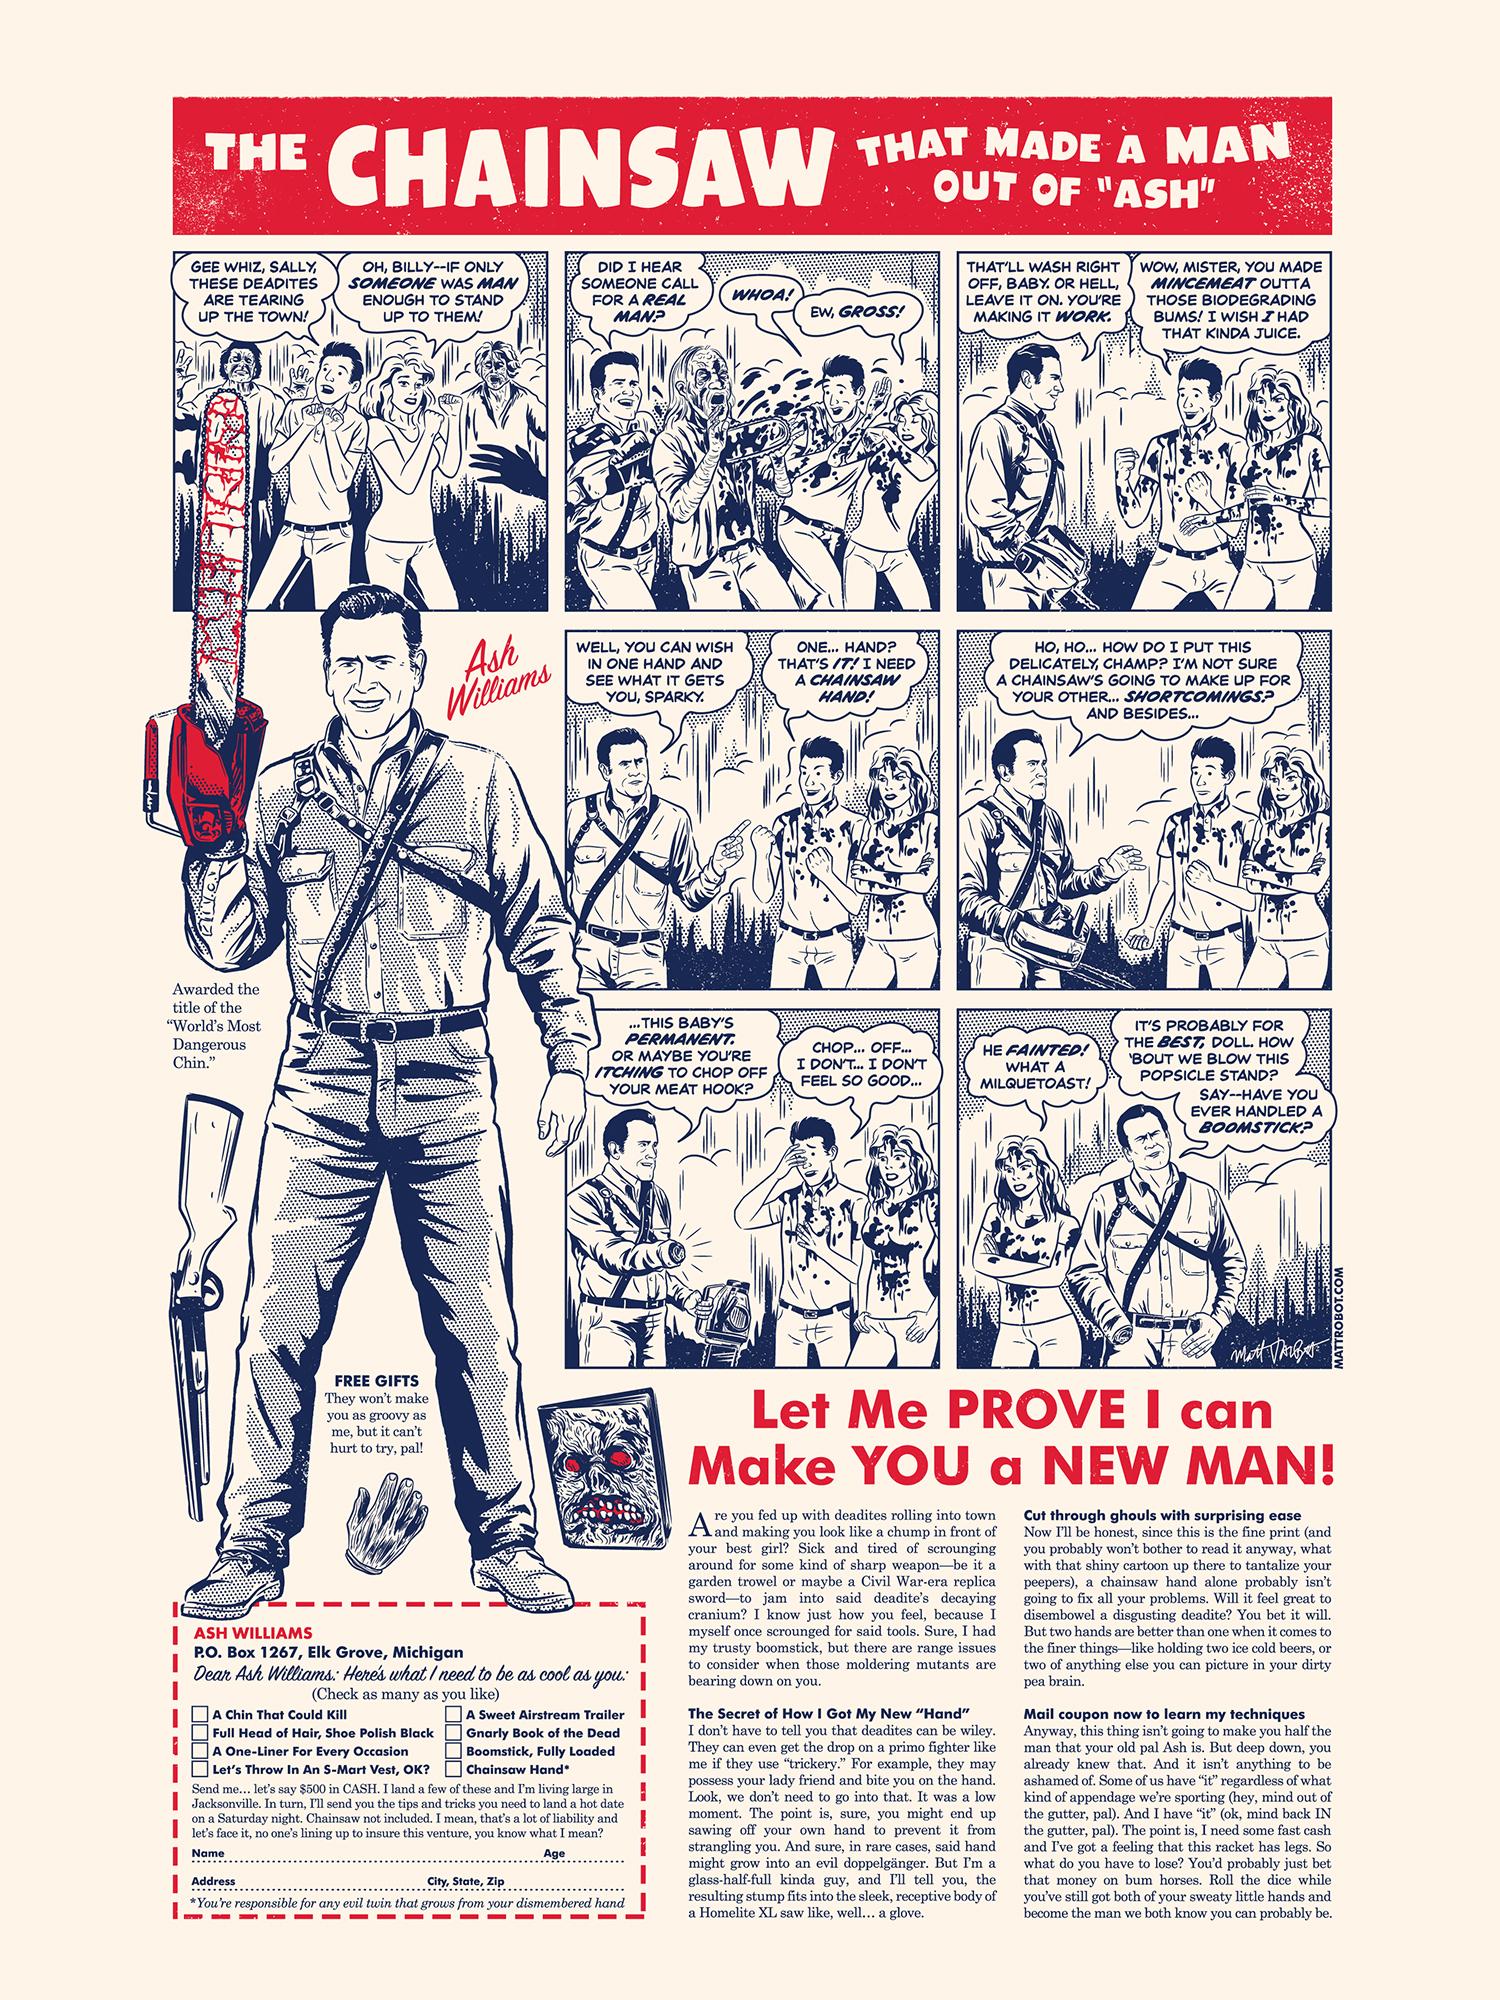 Ash Vs. Evil Dead print for Gallery 1988 by Matt Talbot